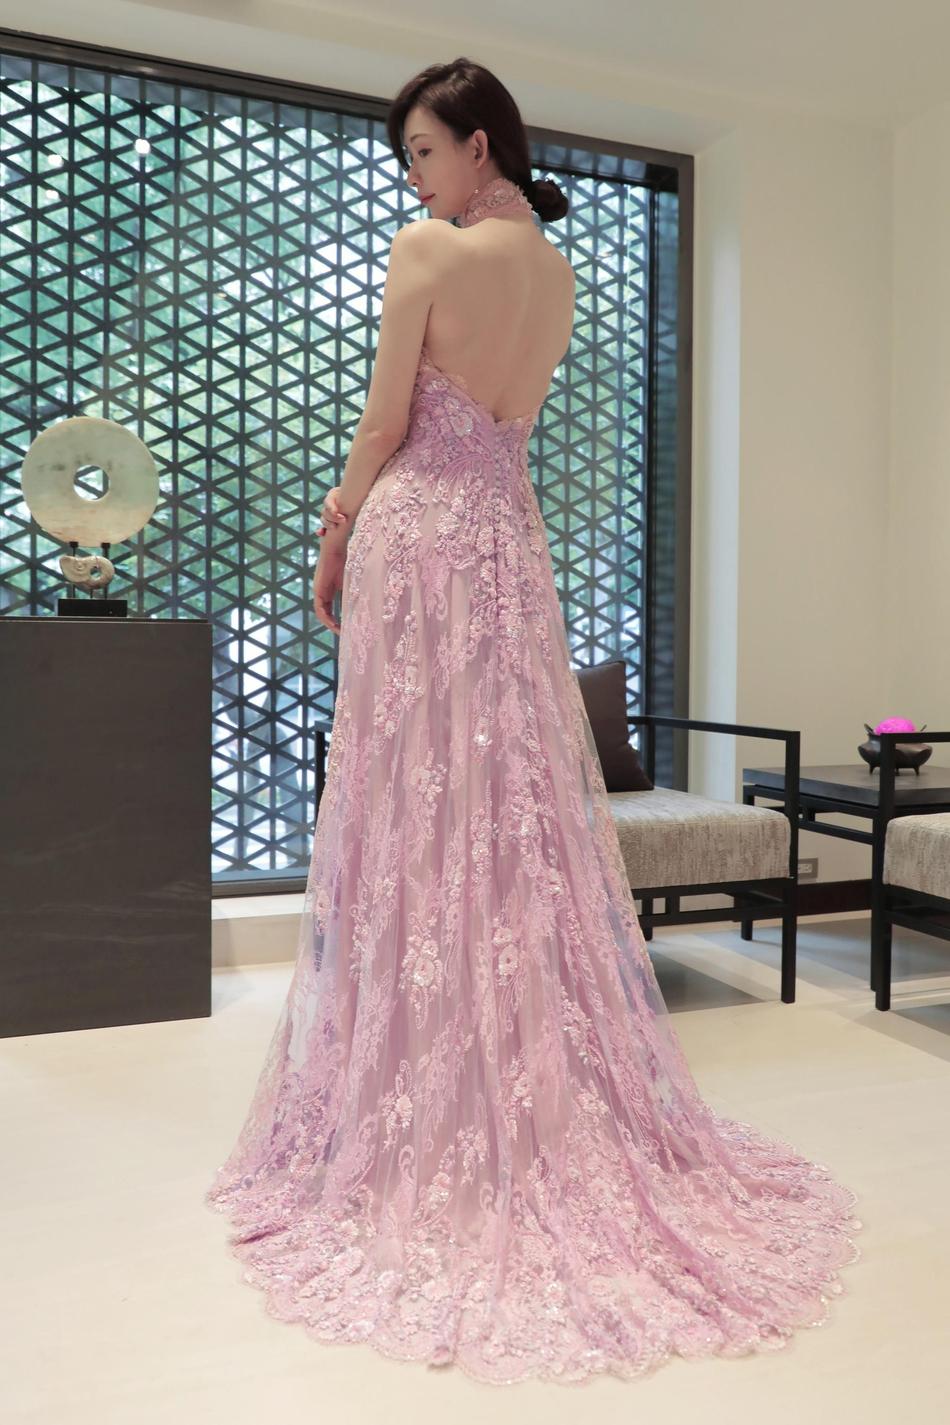 林志玲中式結婚禮服設計手稿曝光 露背裝典雅迷人